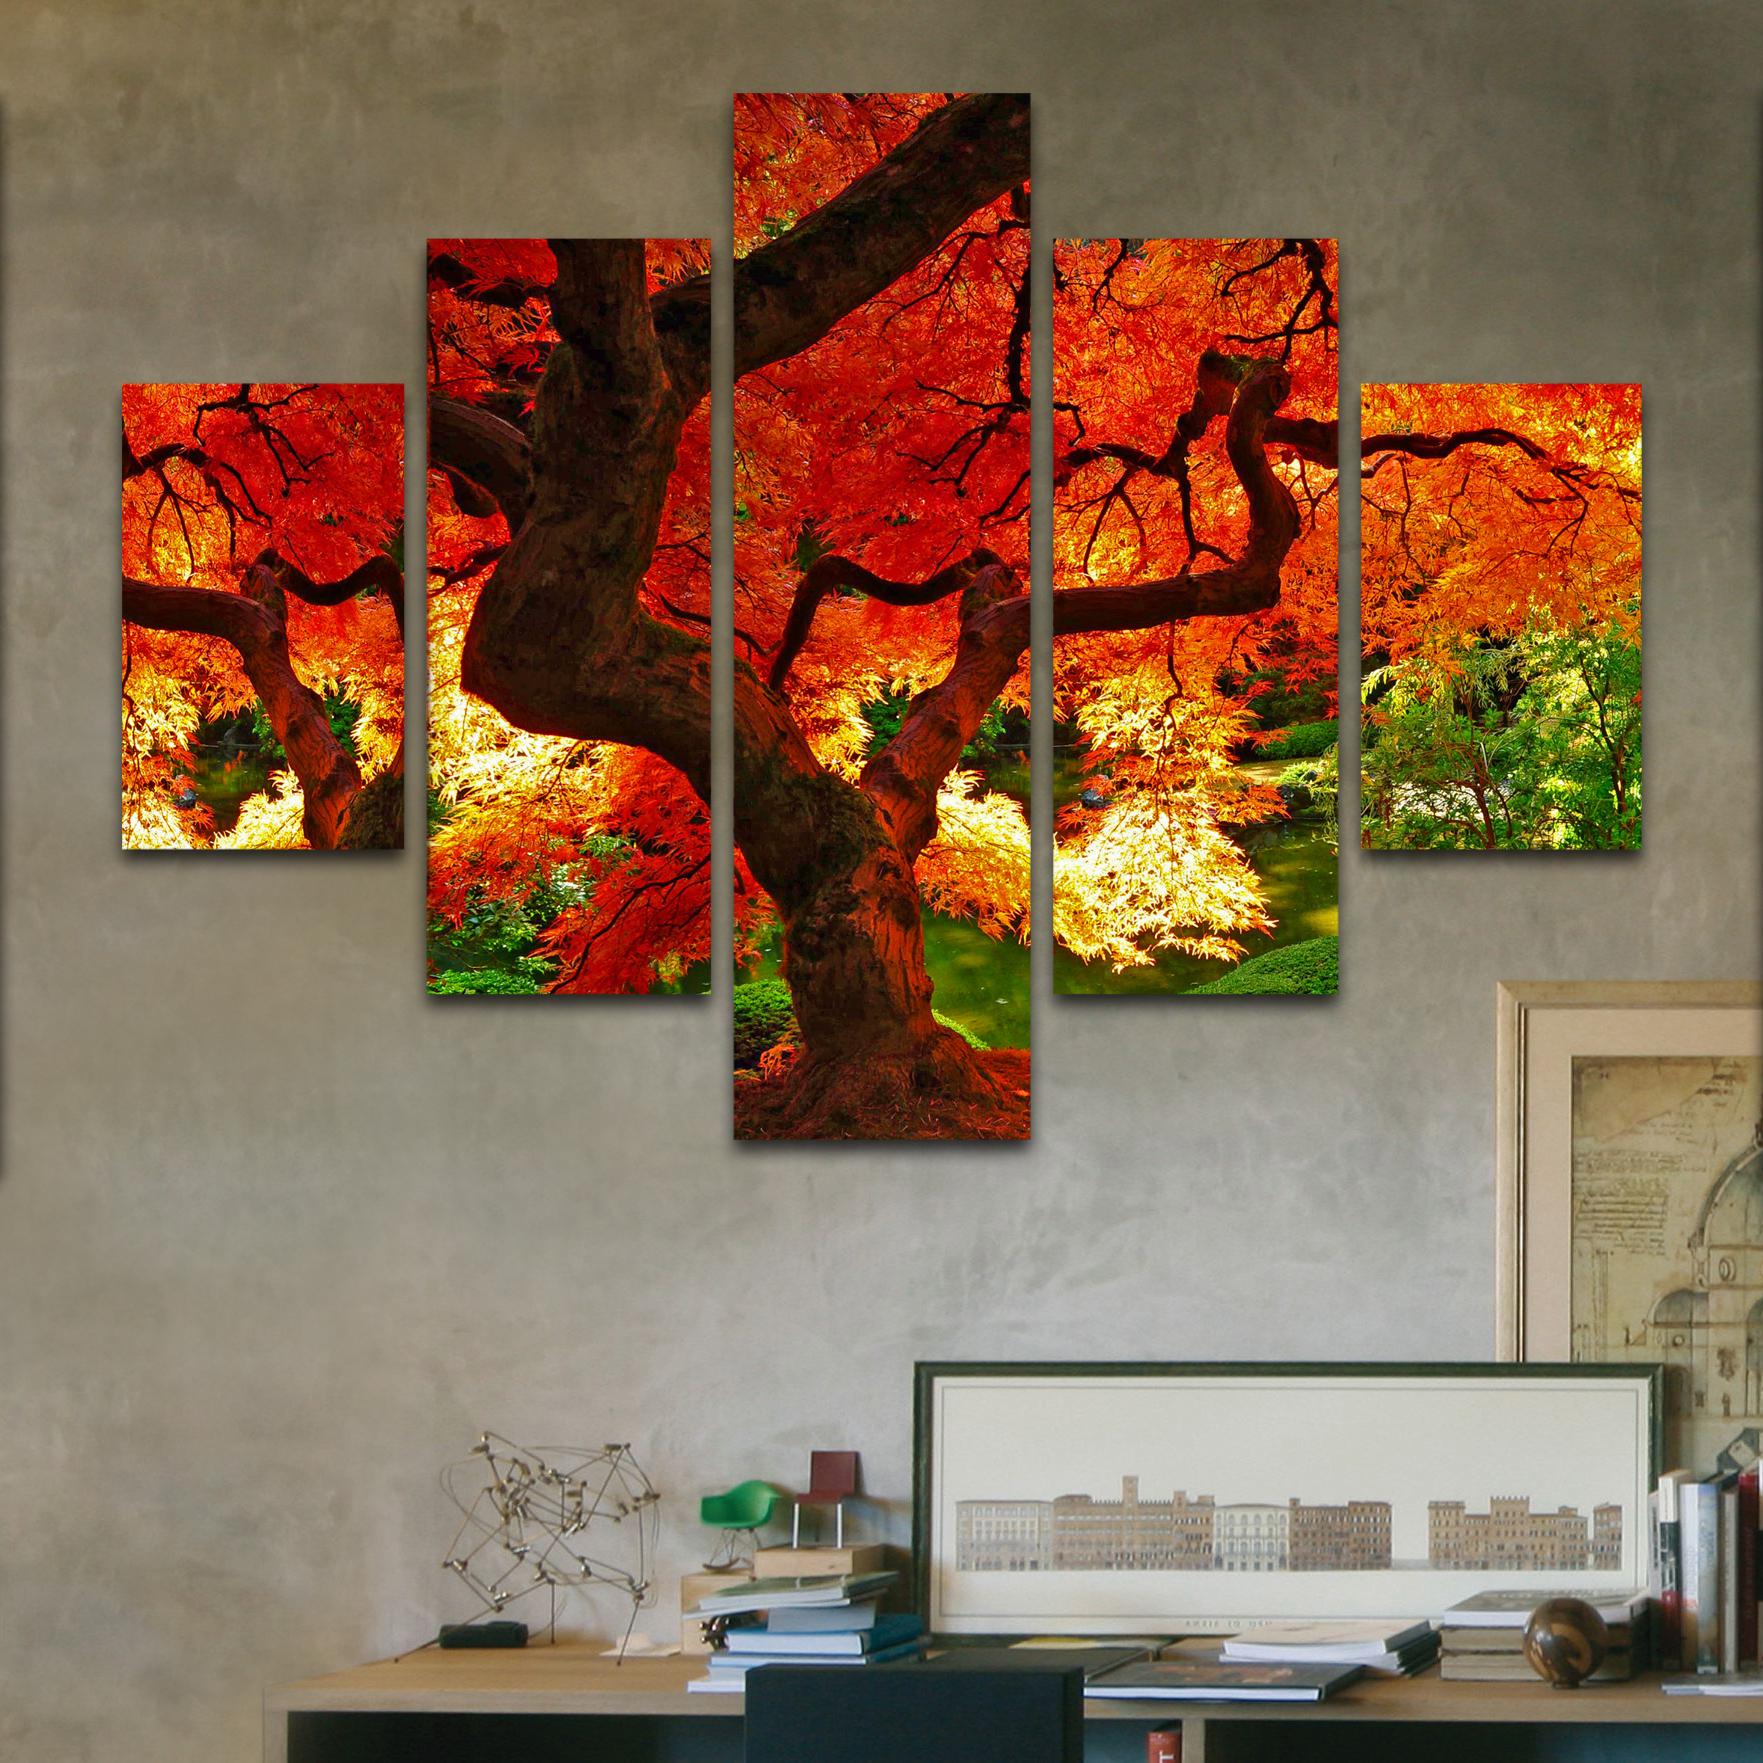 Bosque ardiente 110 cm x 70 cm cuadros decorativos for Donde puedo comprar cuadros decorativos